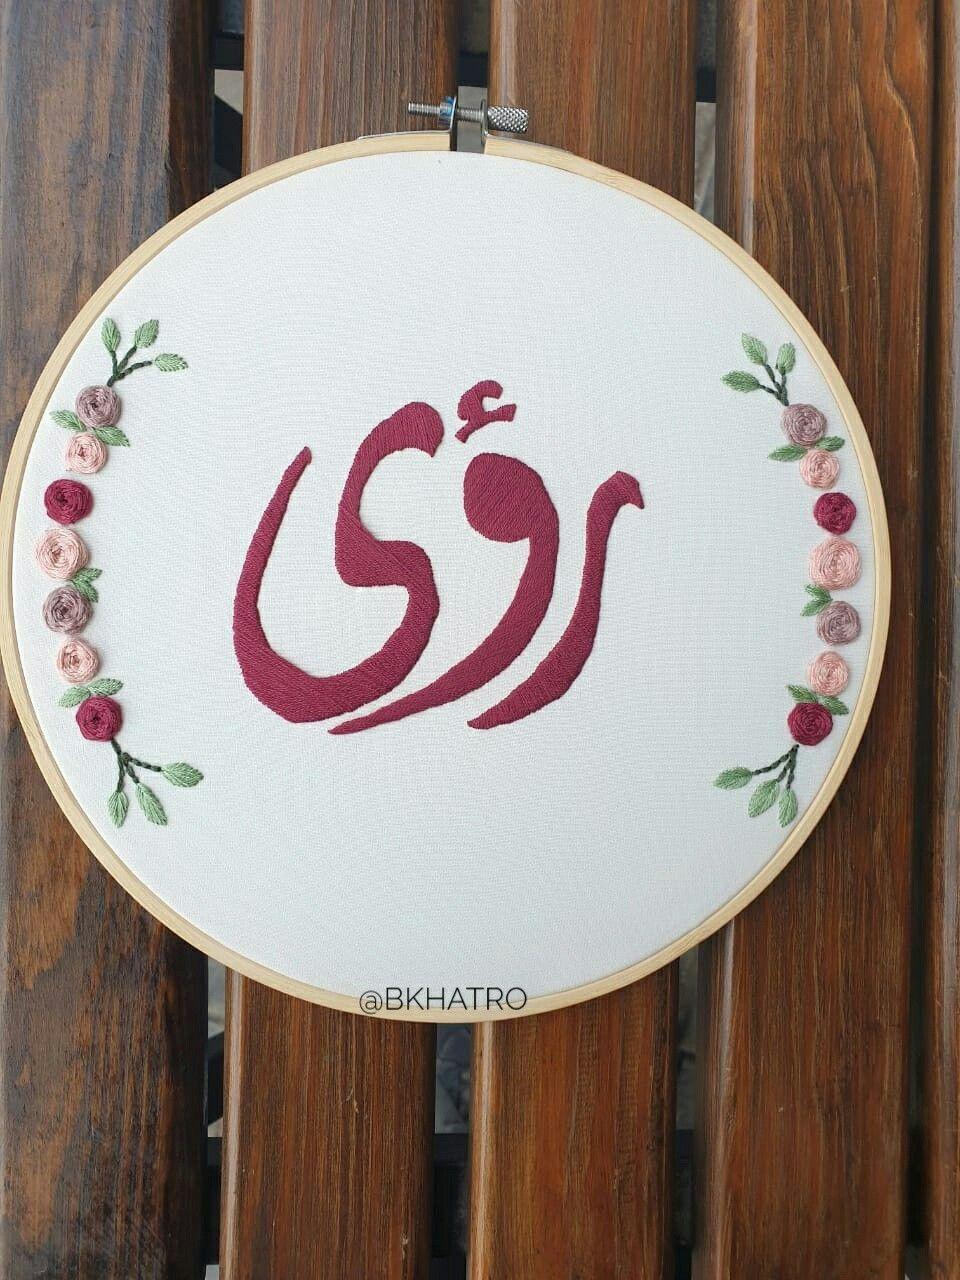 تطريز اسم رؤي بباليت ألوان جميله Names Embroidery Embroidery Designs Decor Decorative Plates